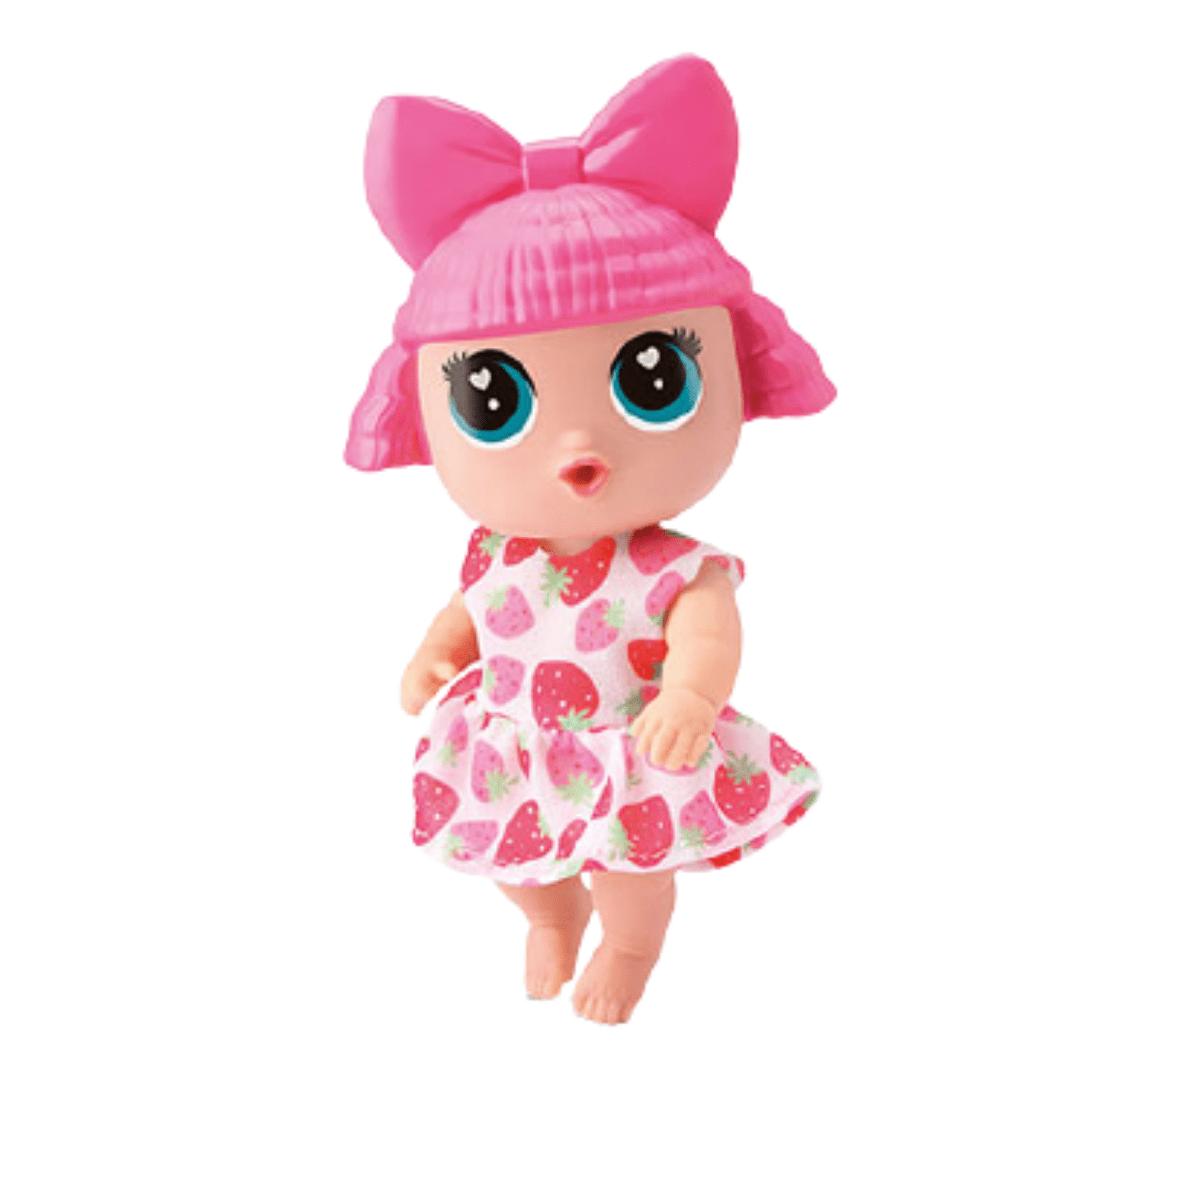 Boneca Baby Buddies Sabores - Morango - Bambola